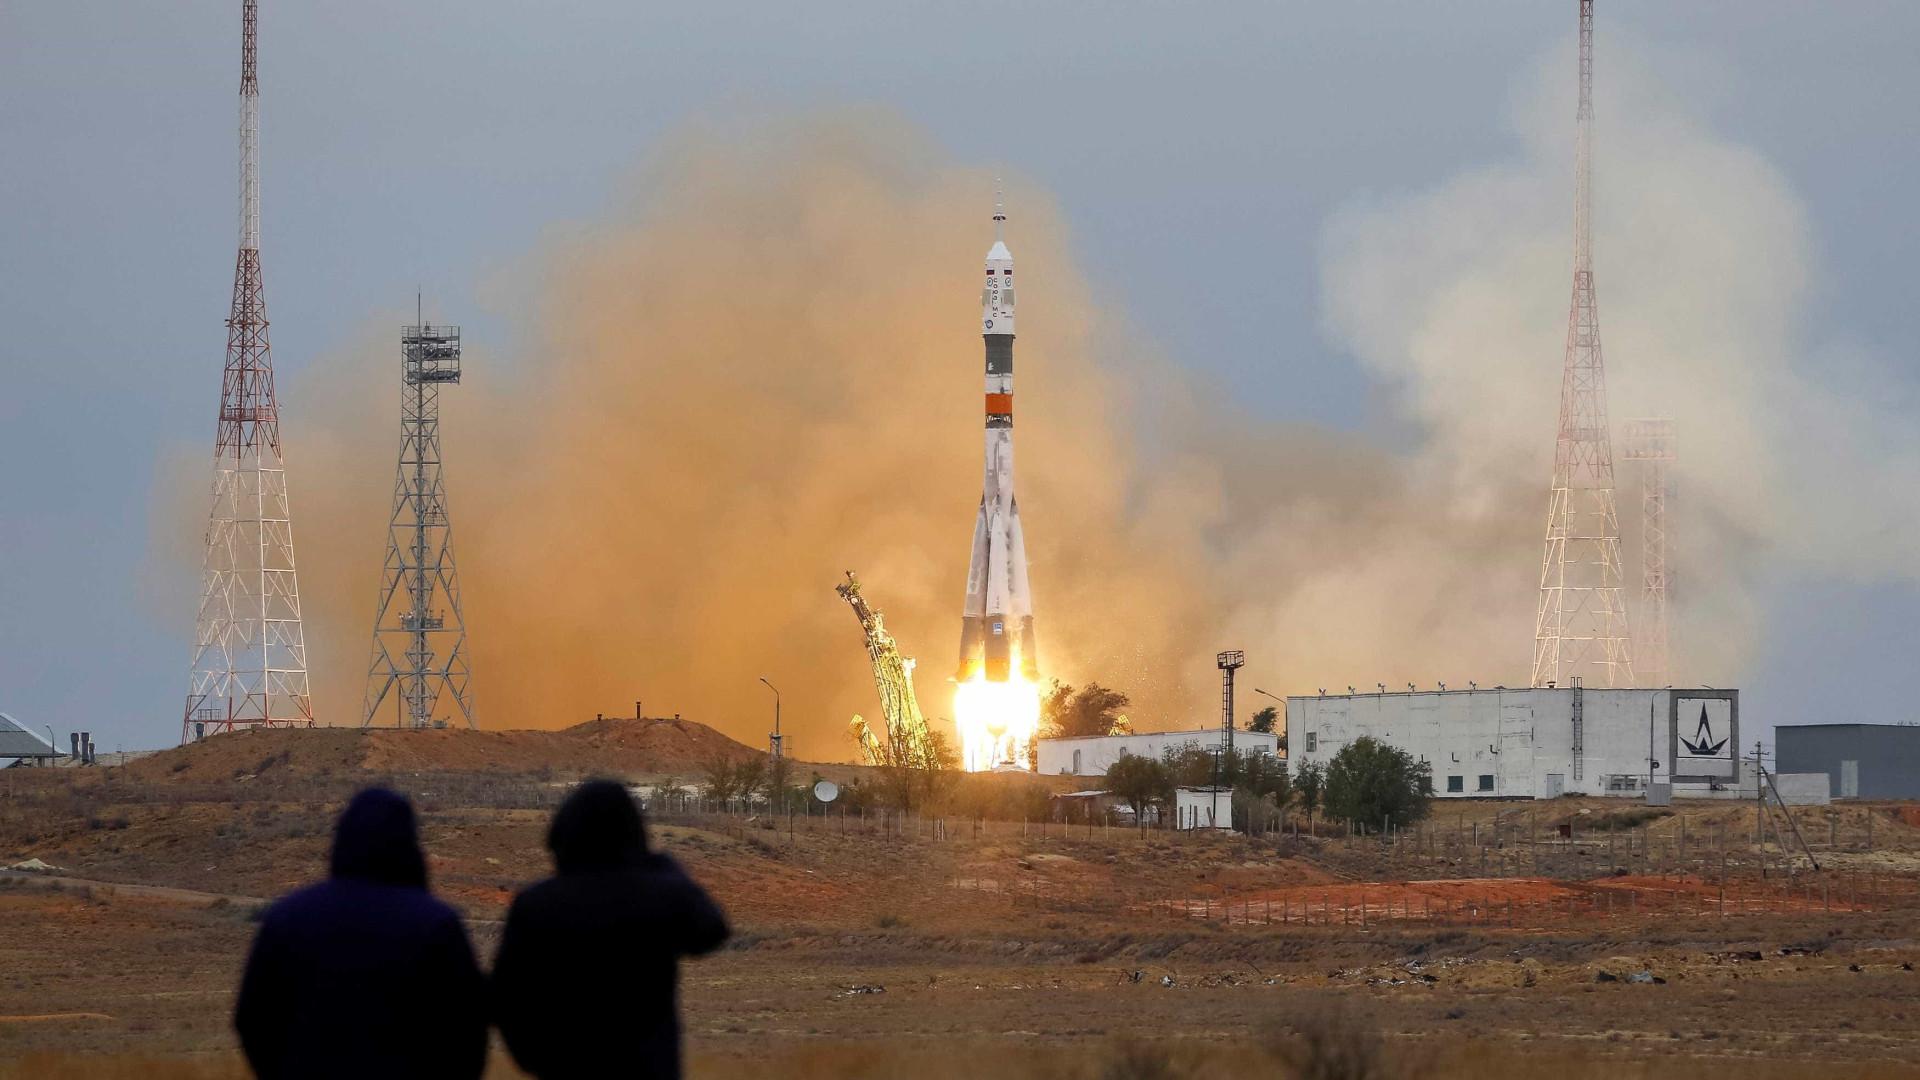 Nave espacial russa Soyuz descola rumo à Estação Espacial Internacional